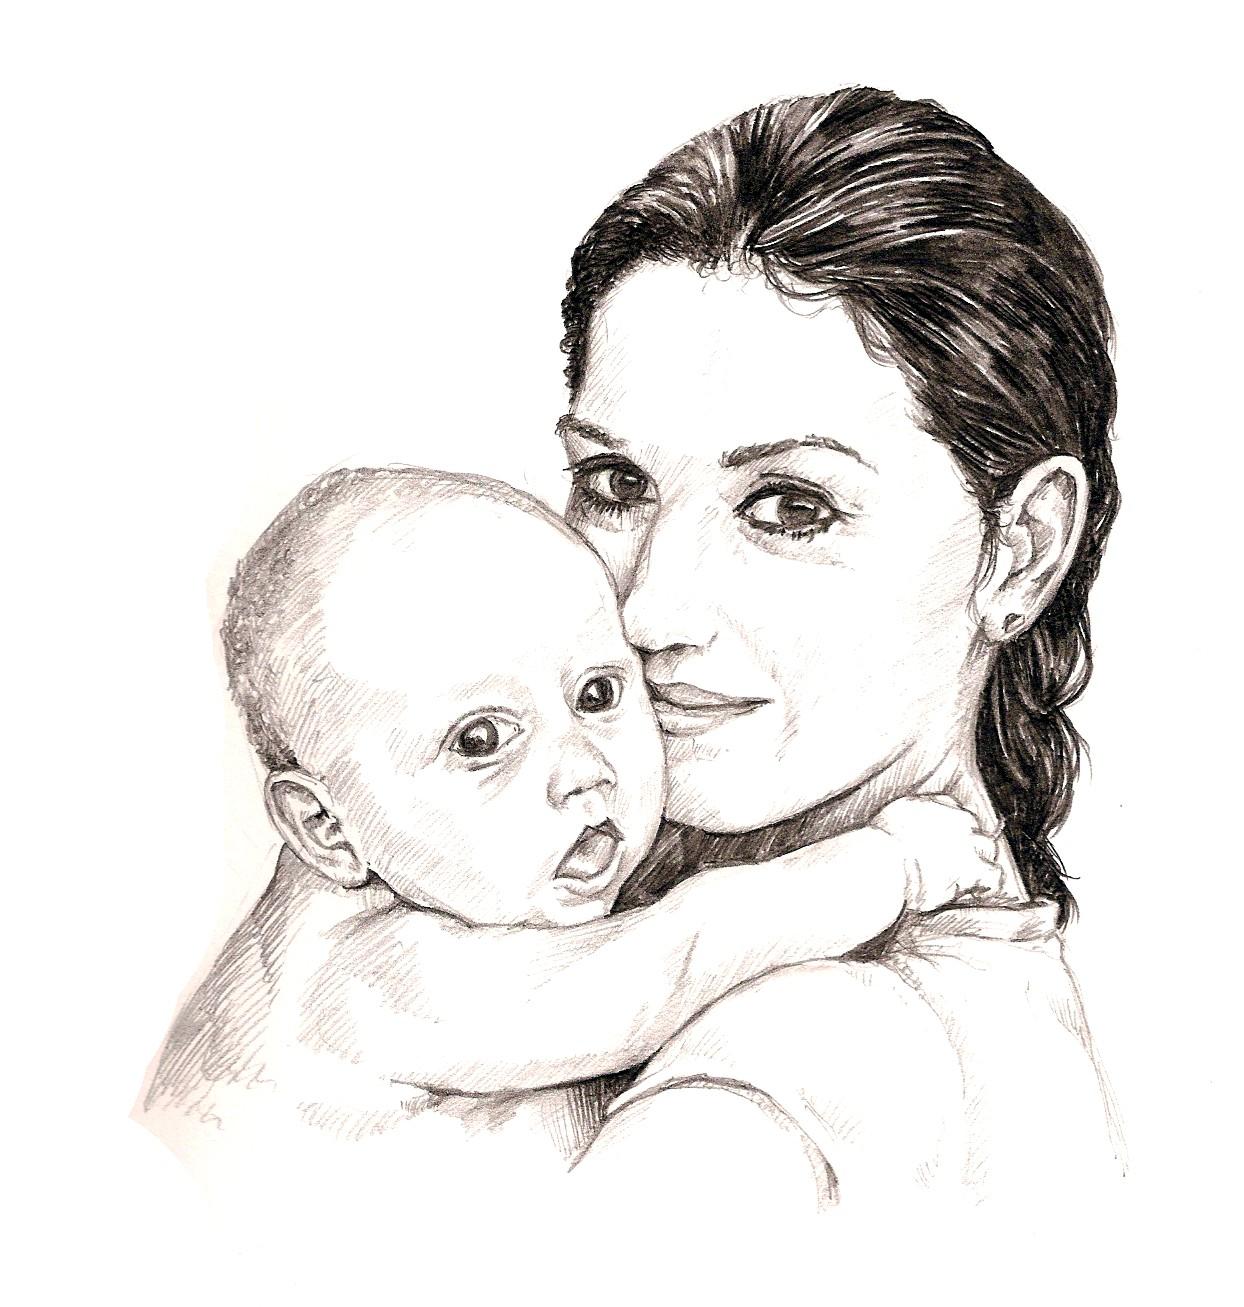 Картинки с днем матери нарисованные, картинки моя